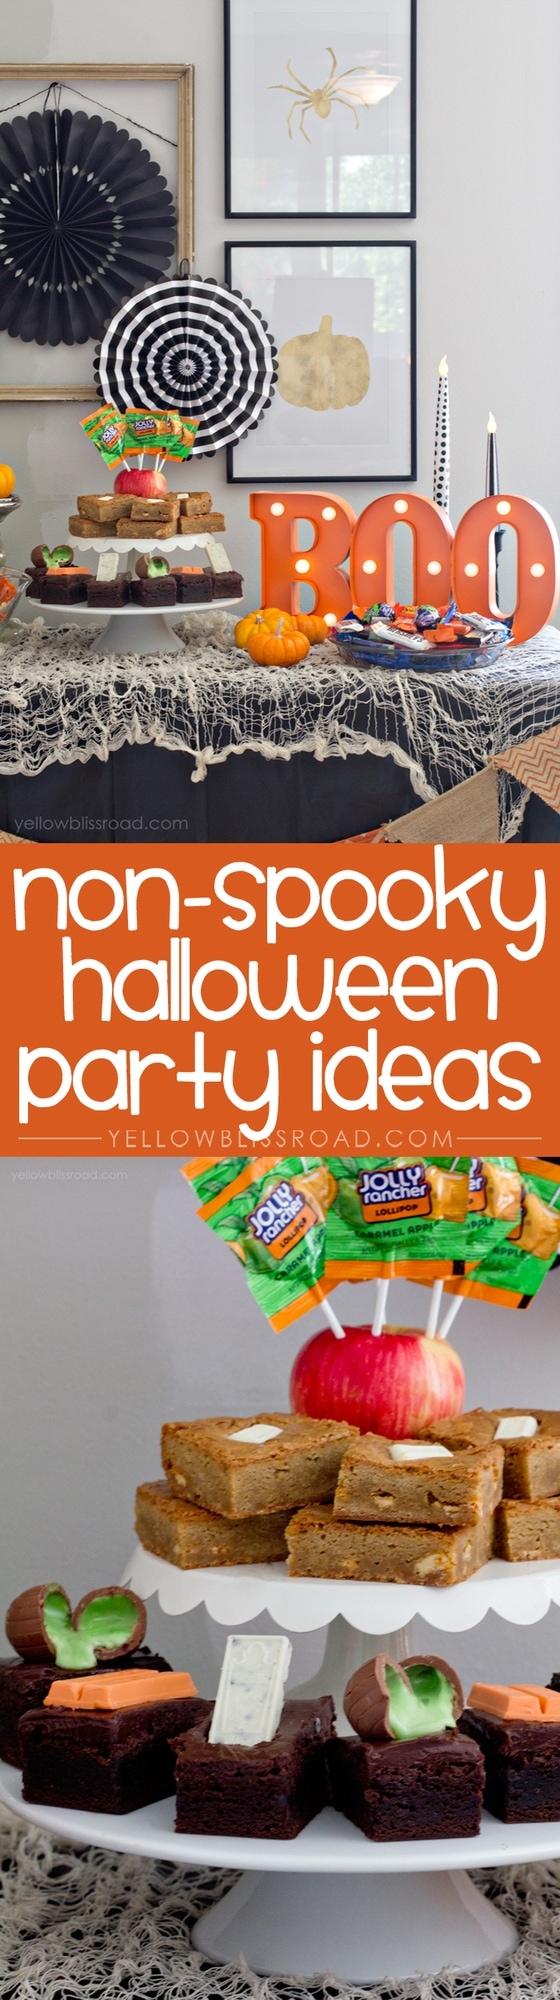 Non-Spooky Hallloween Party Ideas